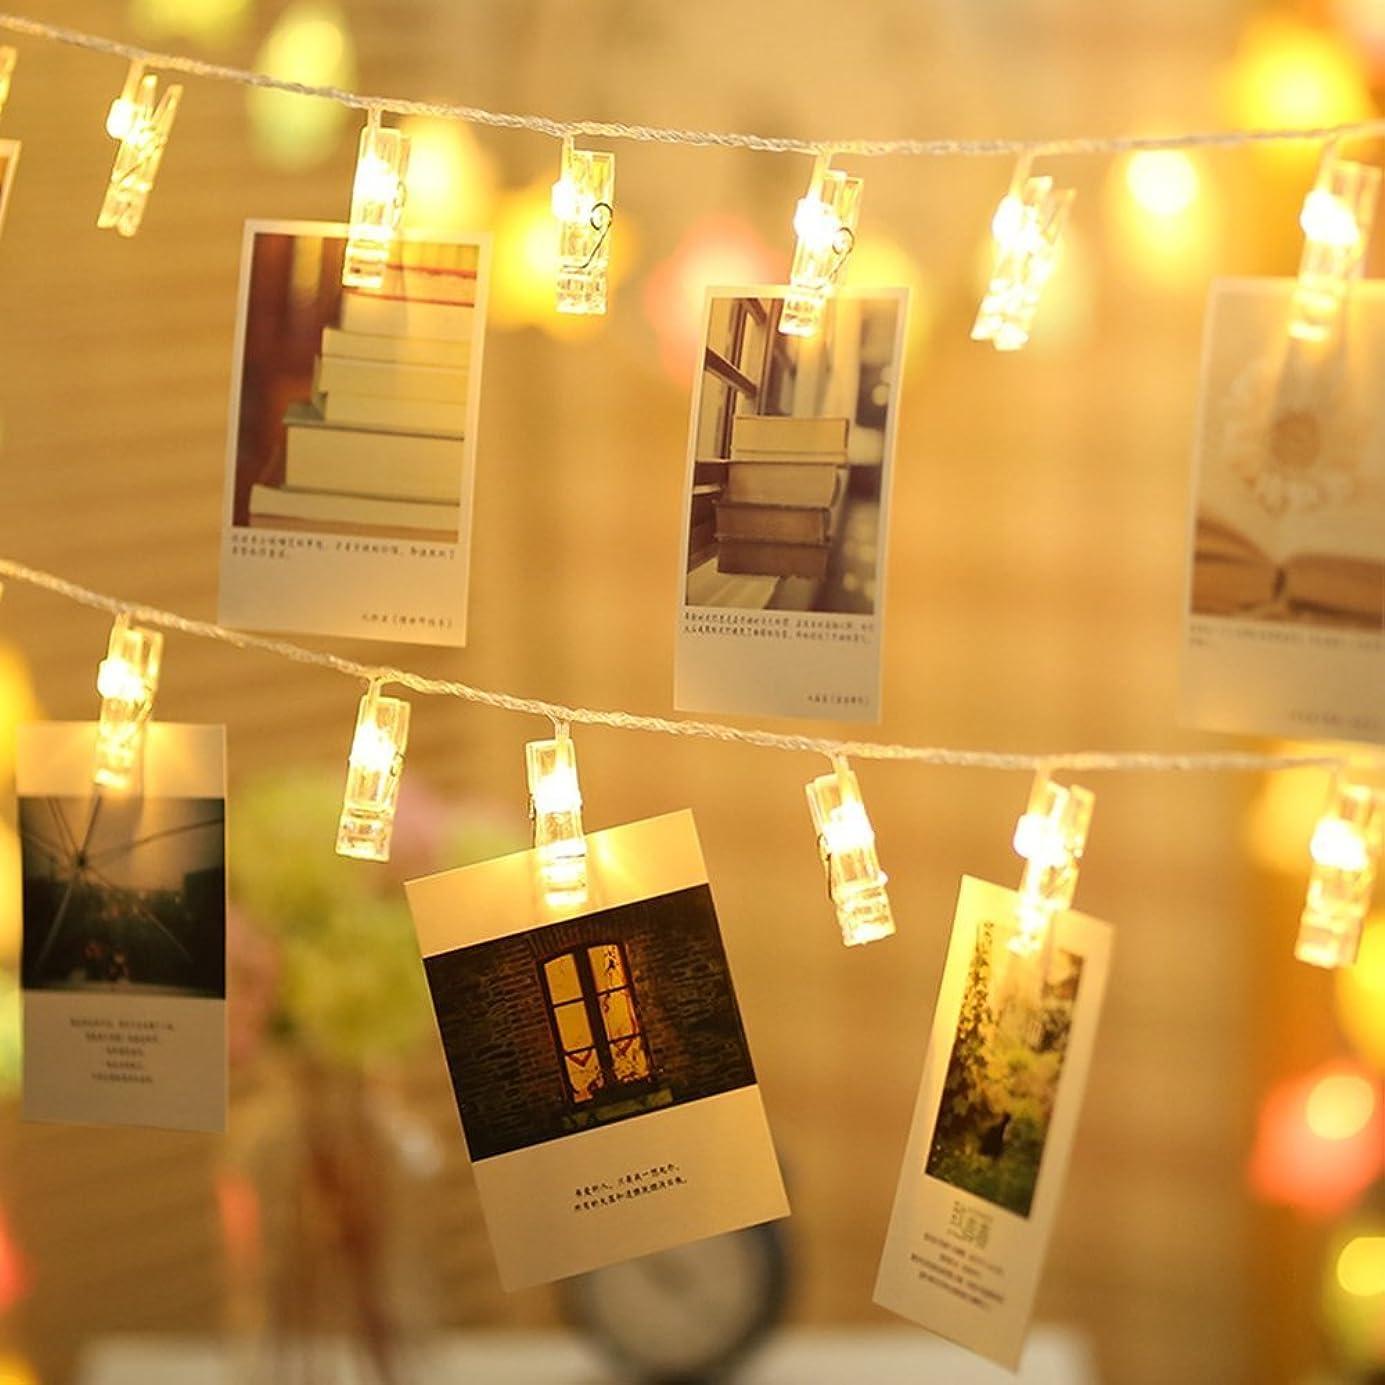 円形劇作家書士TECKEPIC LEDストリングライト 20LED写真/絵クリップ DIY吊り下げる飾り 2.2M イルミネーションライト 電池駆動式 クリスマス/新年/結婚式/誕生日/パーティー (ウォームホワイト)